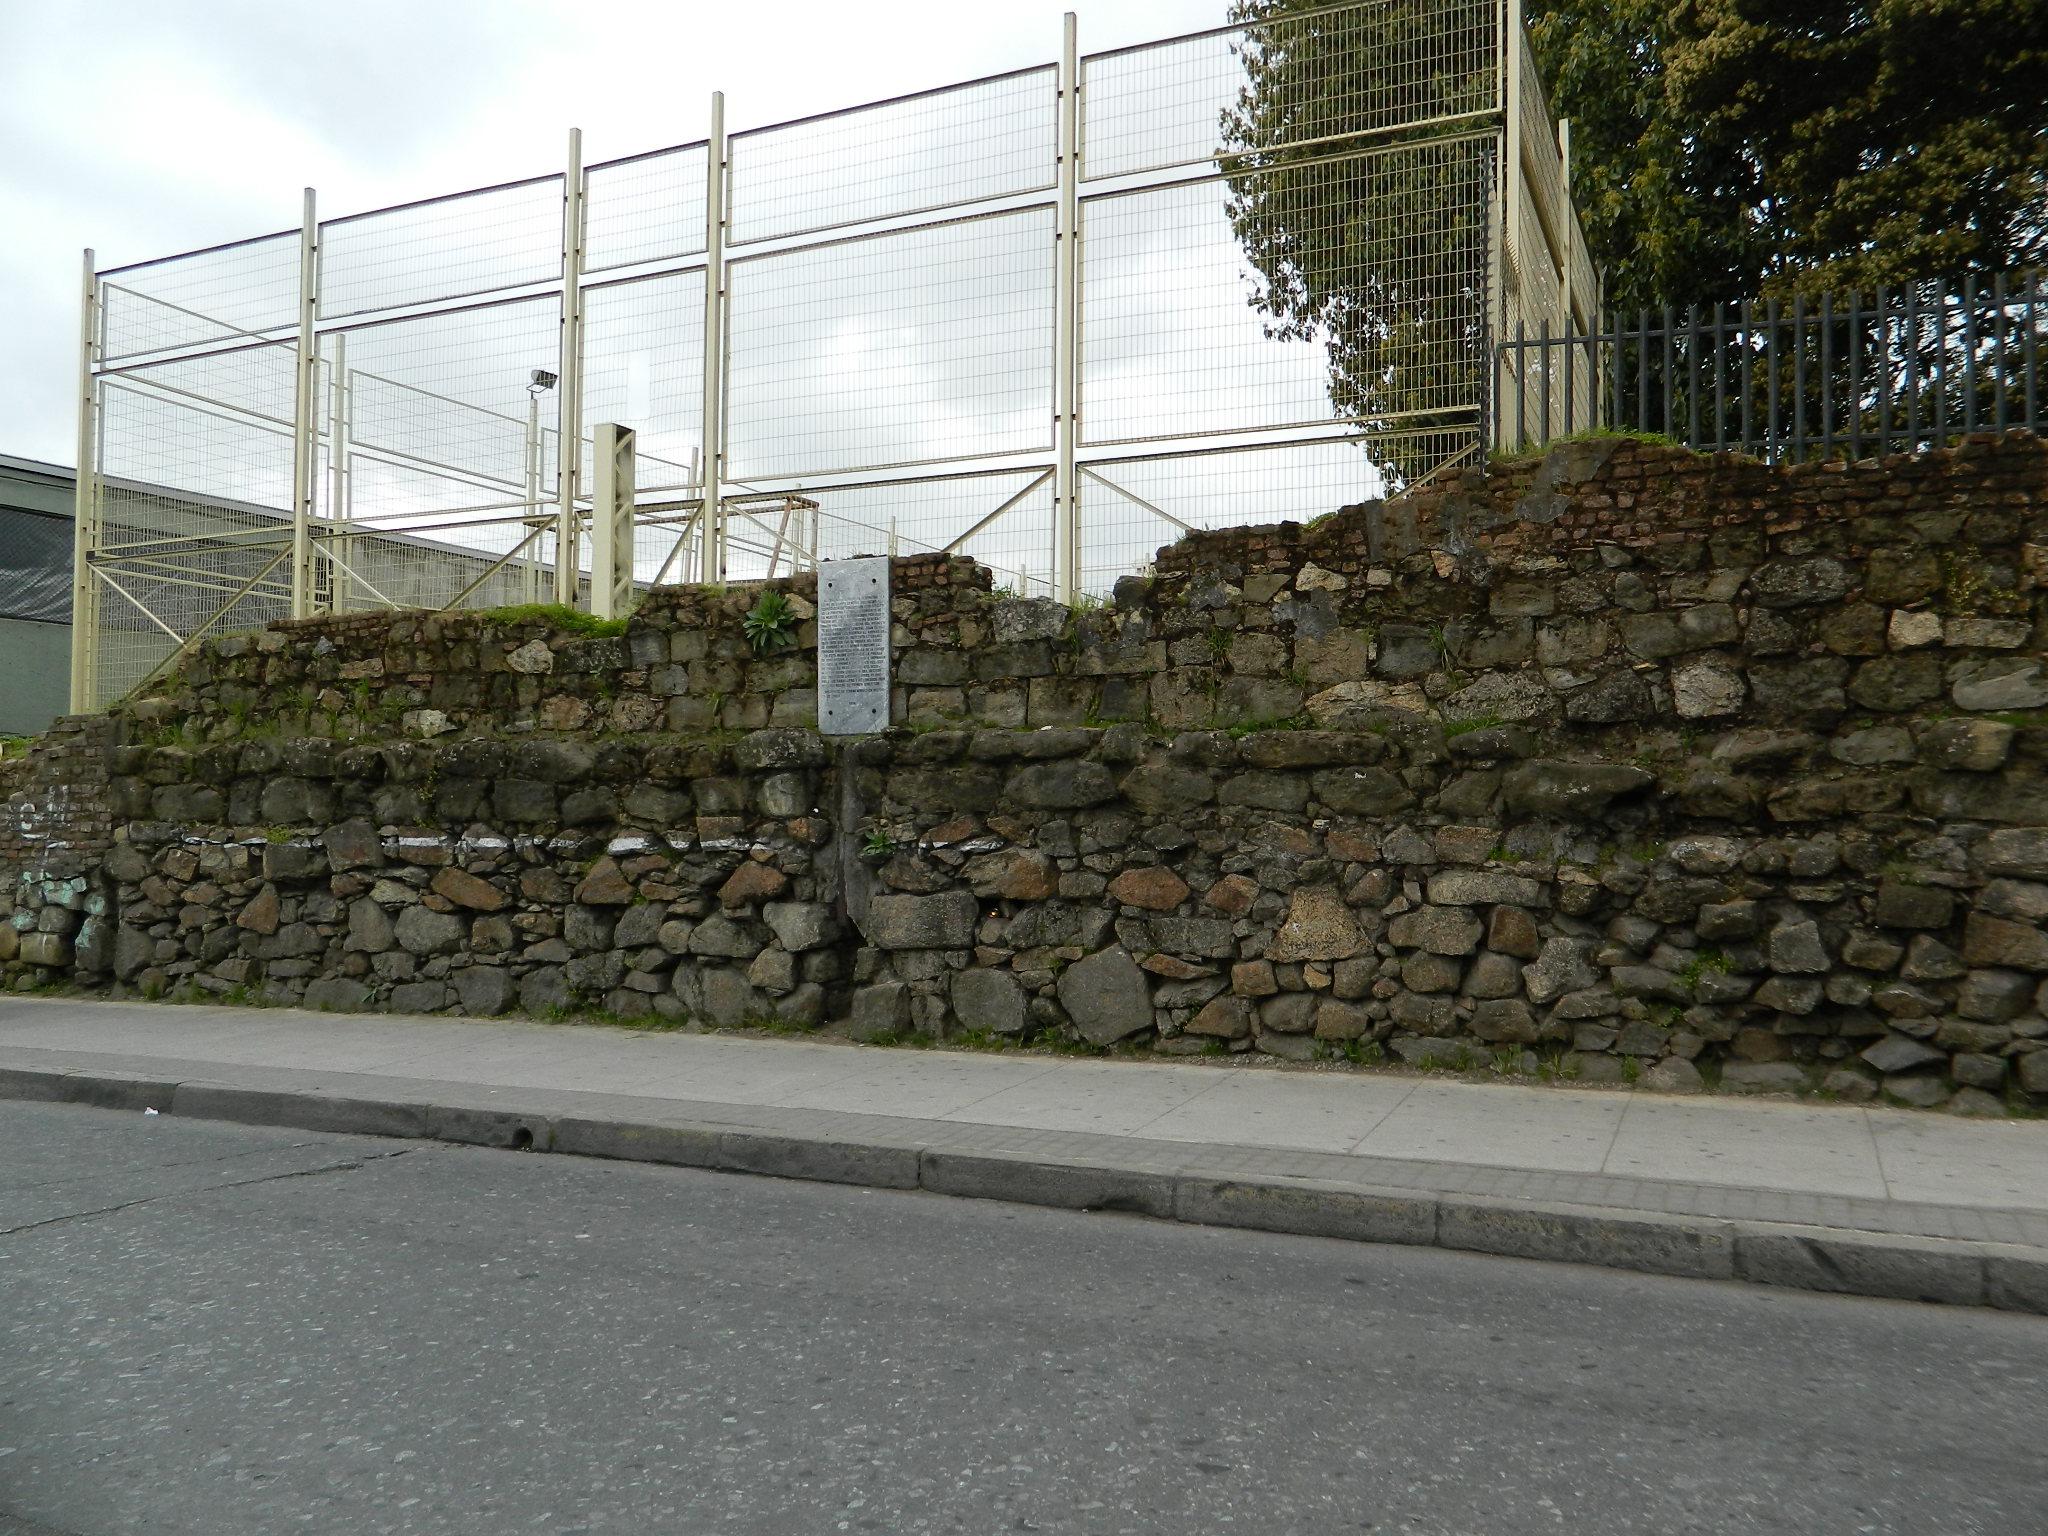 filerestos de los muros de piedra del convento de la merced 01jpg - Muros De Piedra